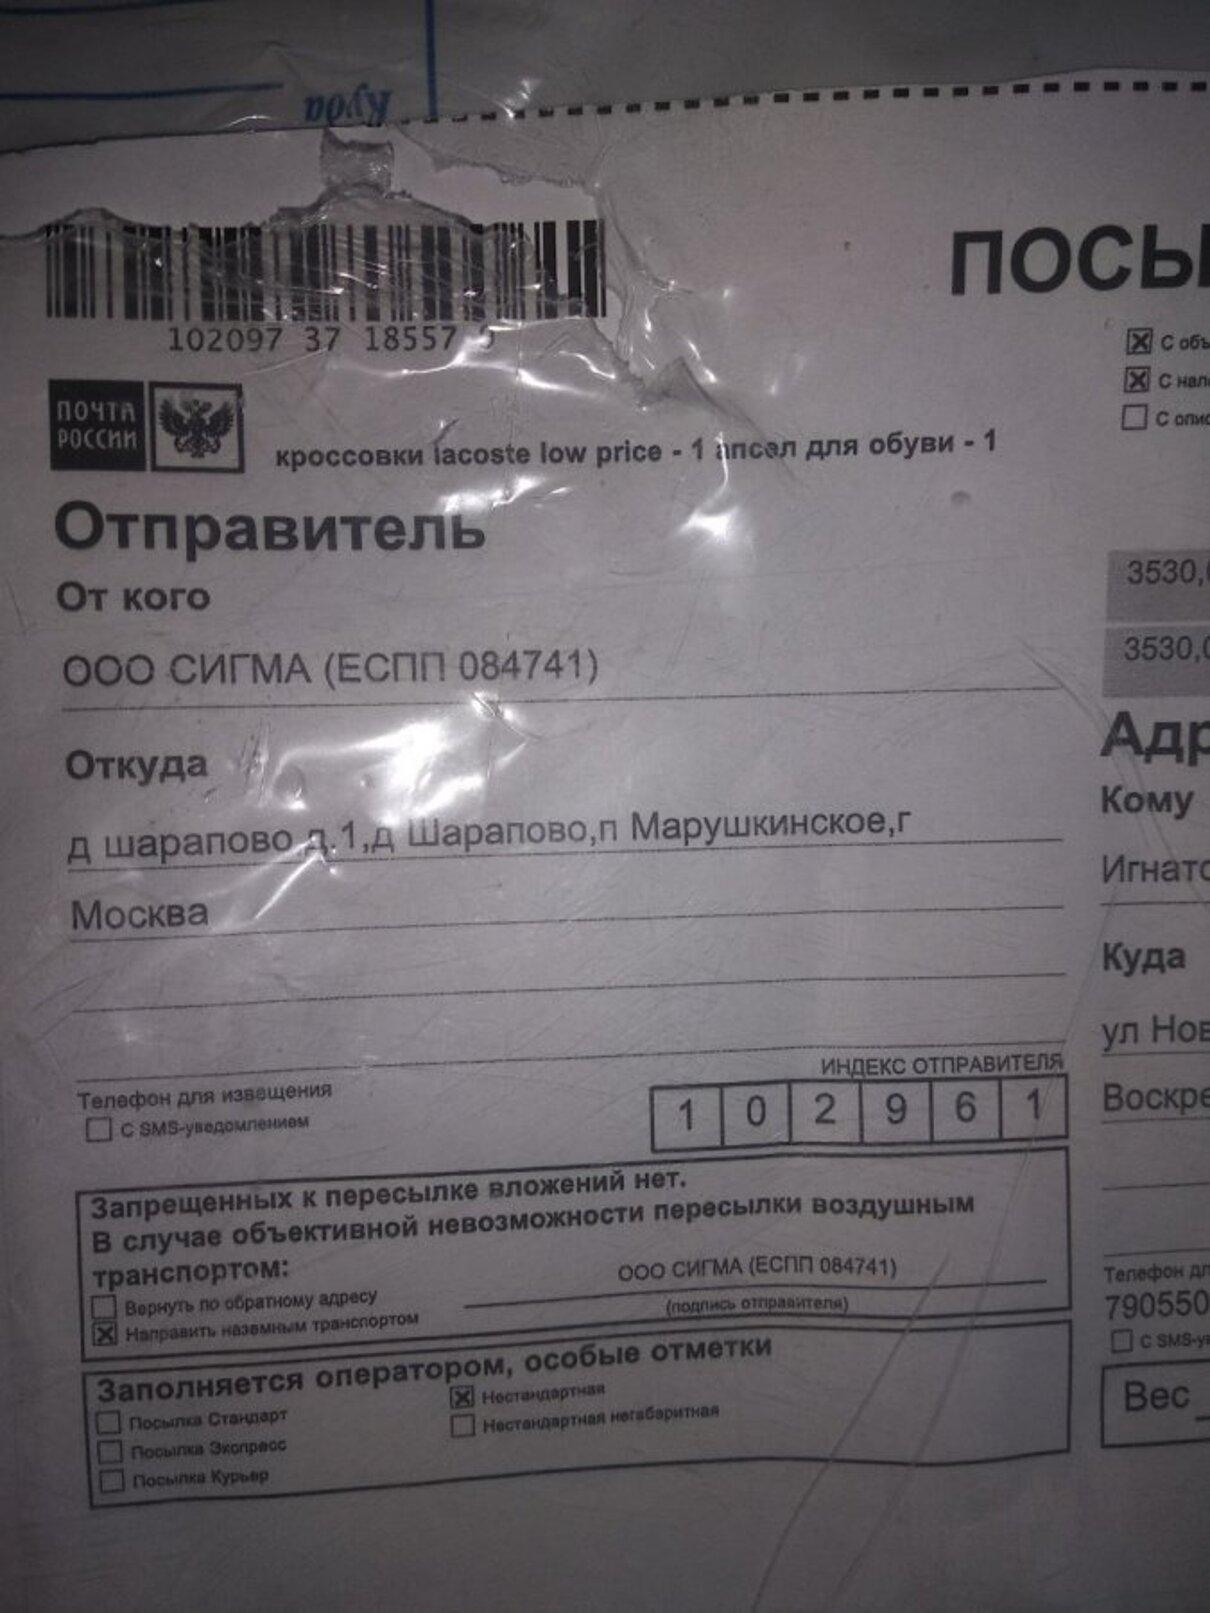 Жалоба-отзыв: ООО СИГМА (ЕСПП 084741) - Мошенники!.  Фото №1